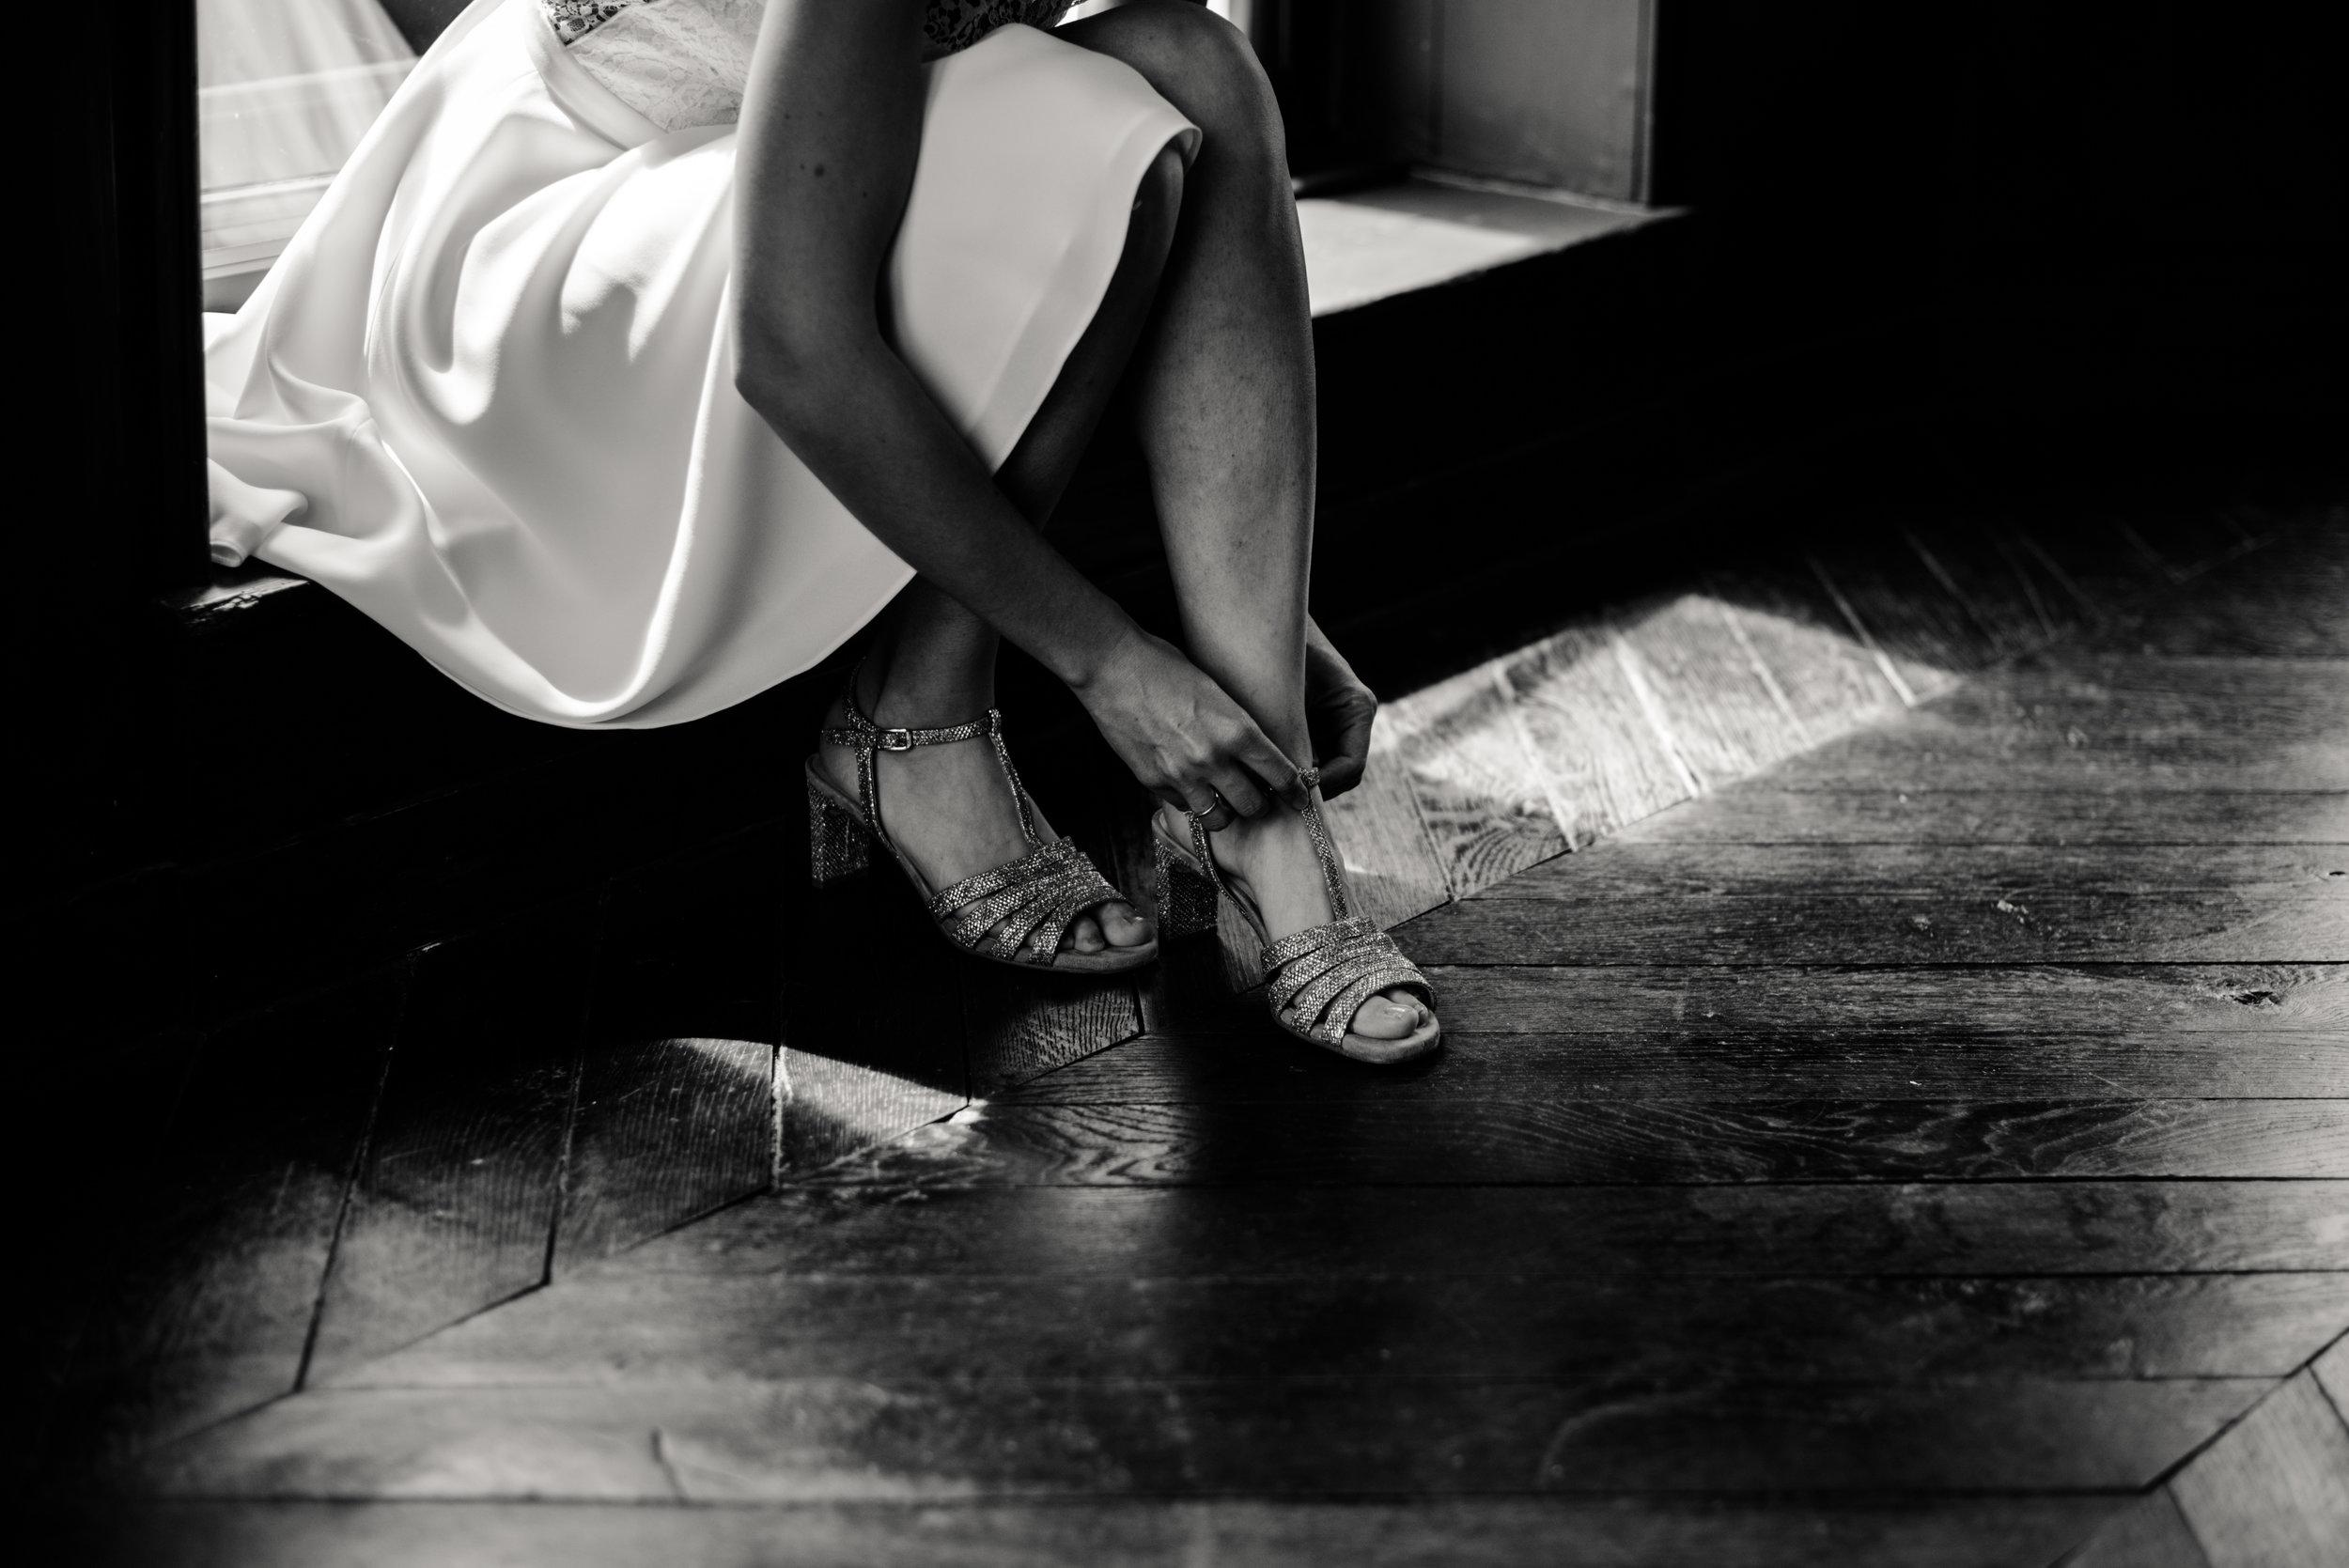 Léa-Fery-photographe-professionnel-lyon-rhone-alpes-portrait-creation-mariage-evenement-evenementiel-famille-5036.jpg